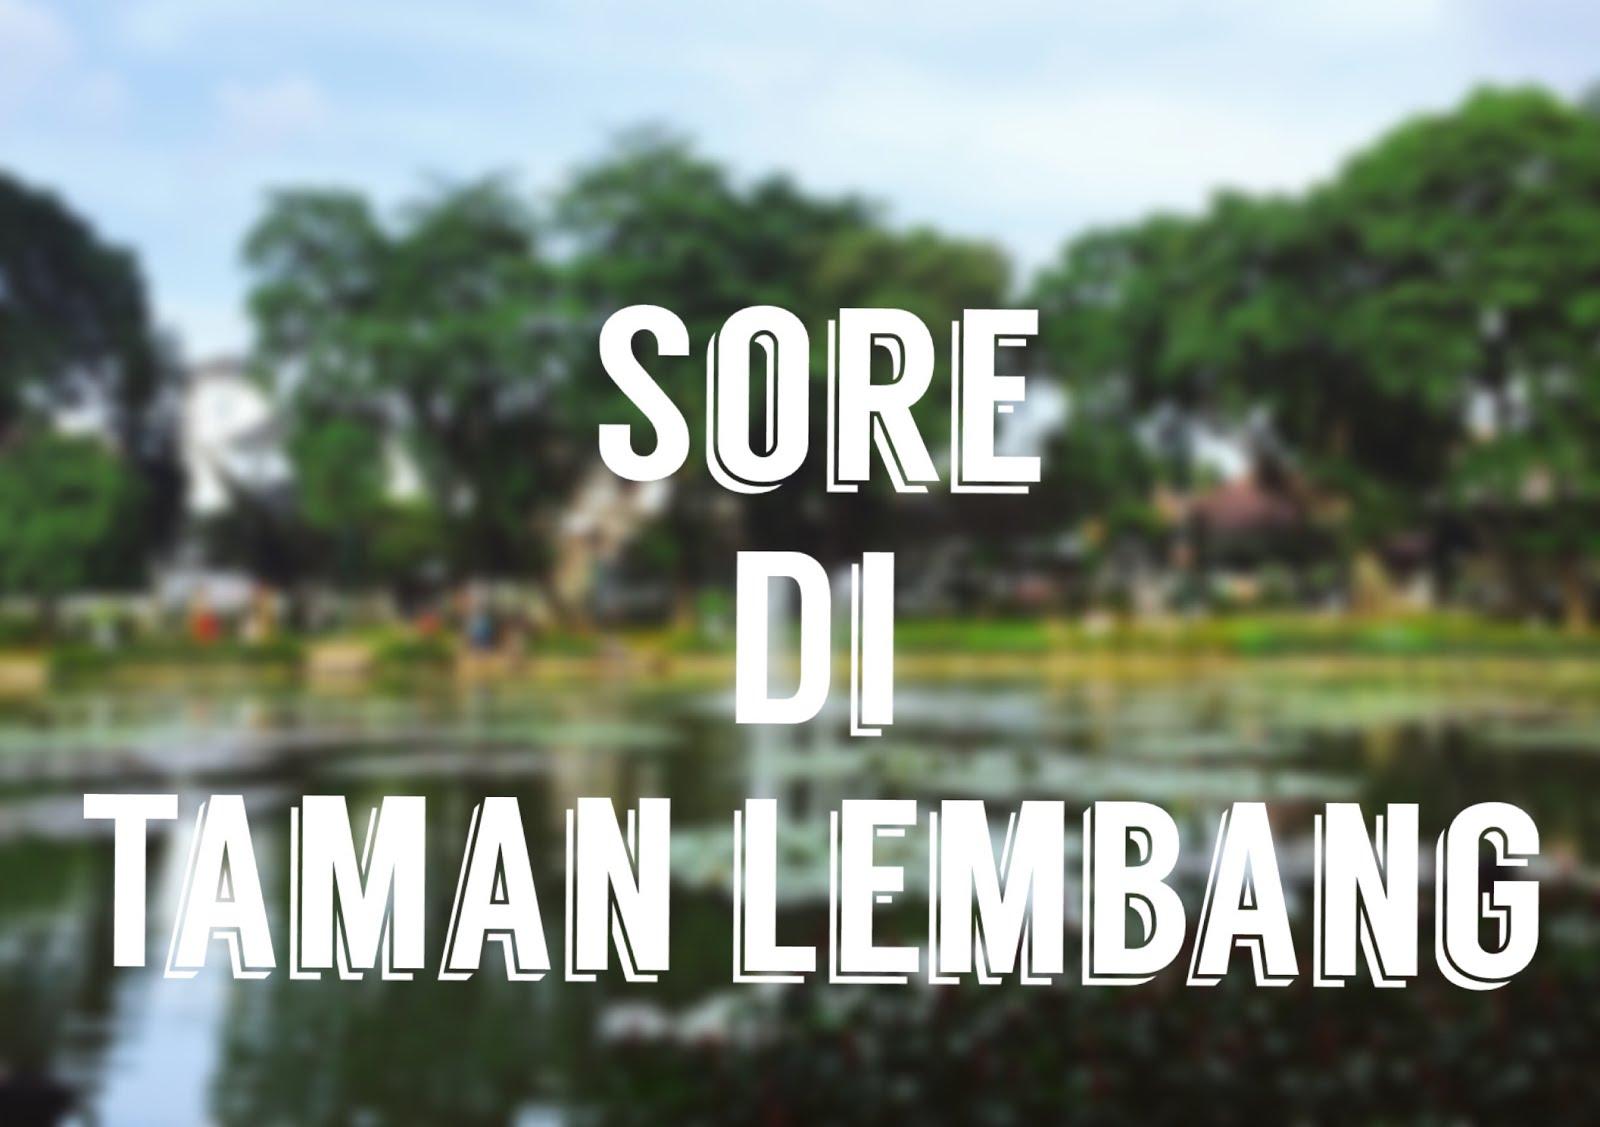 Taman Lembang